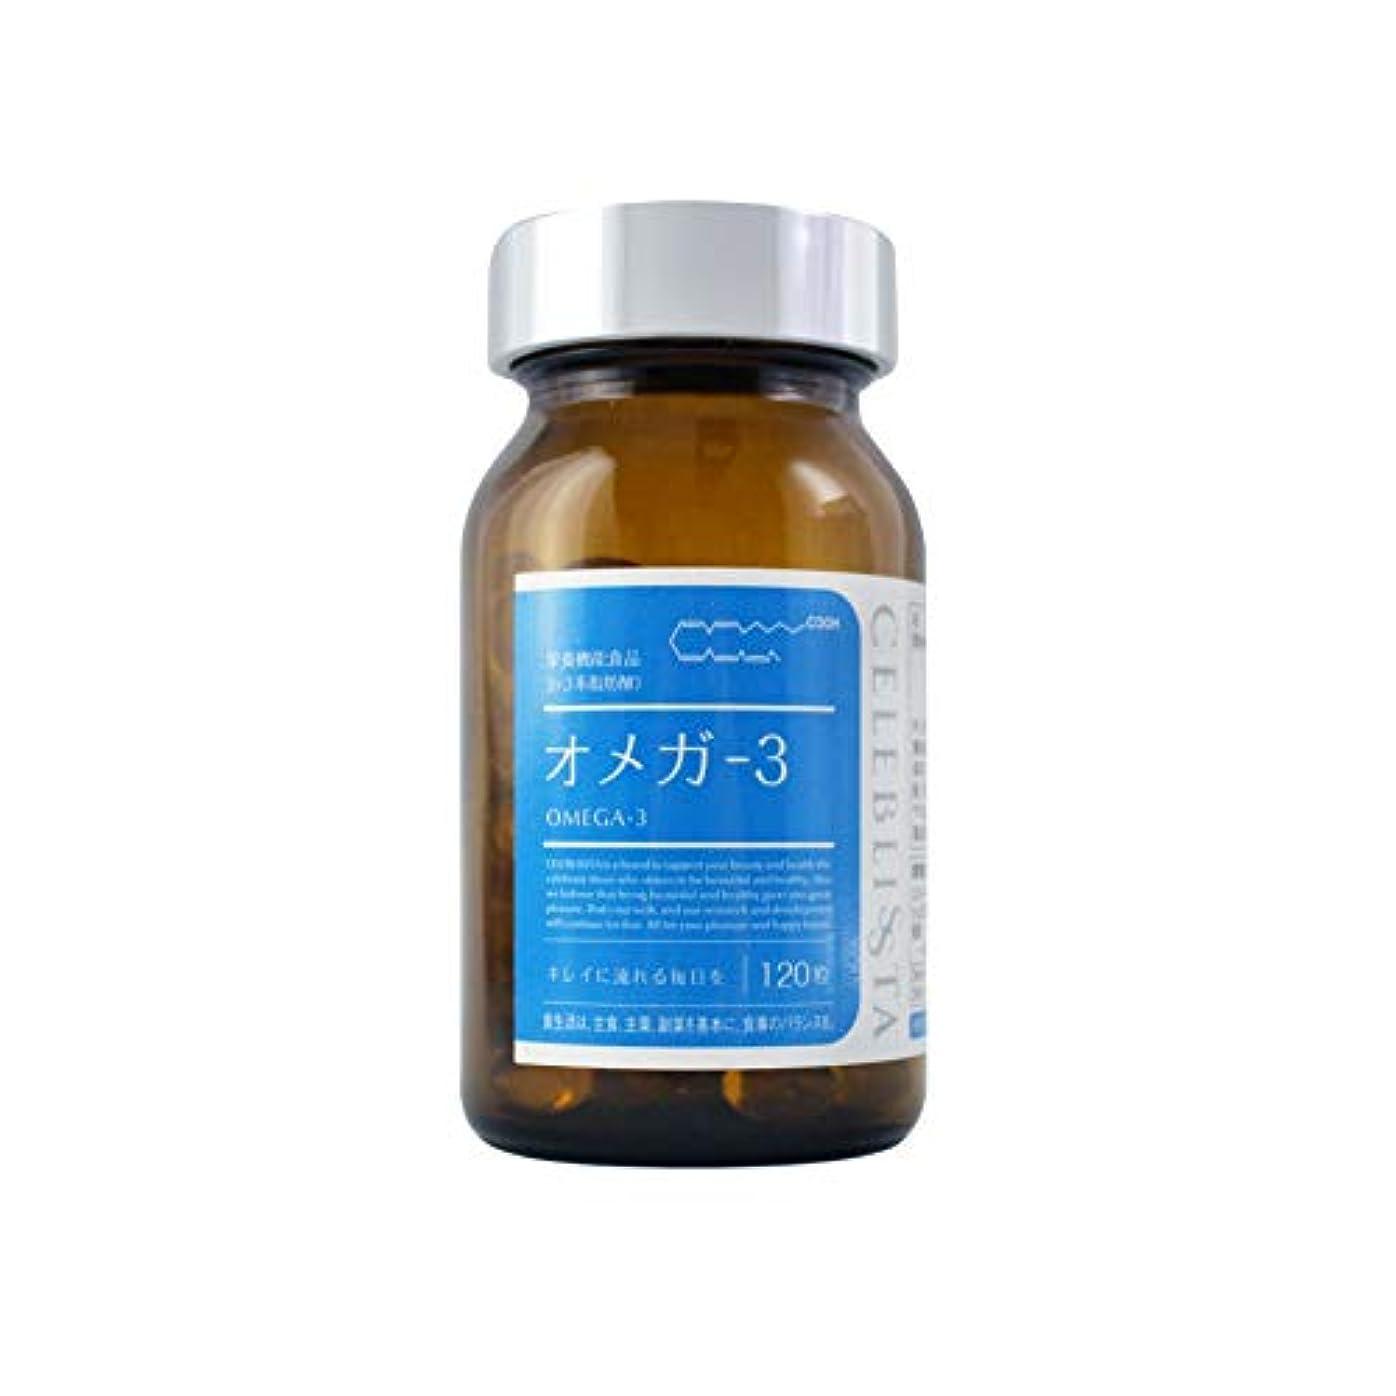 同じプランター偉業CELEBLISSTA ( セレブリスタ ) サプリメント オメガ-3 [ 基礎サプリ フィッシュオイル / 30日分 120粒 ] DPA DHA EPA ( 日本製 )